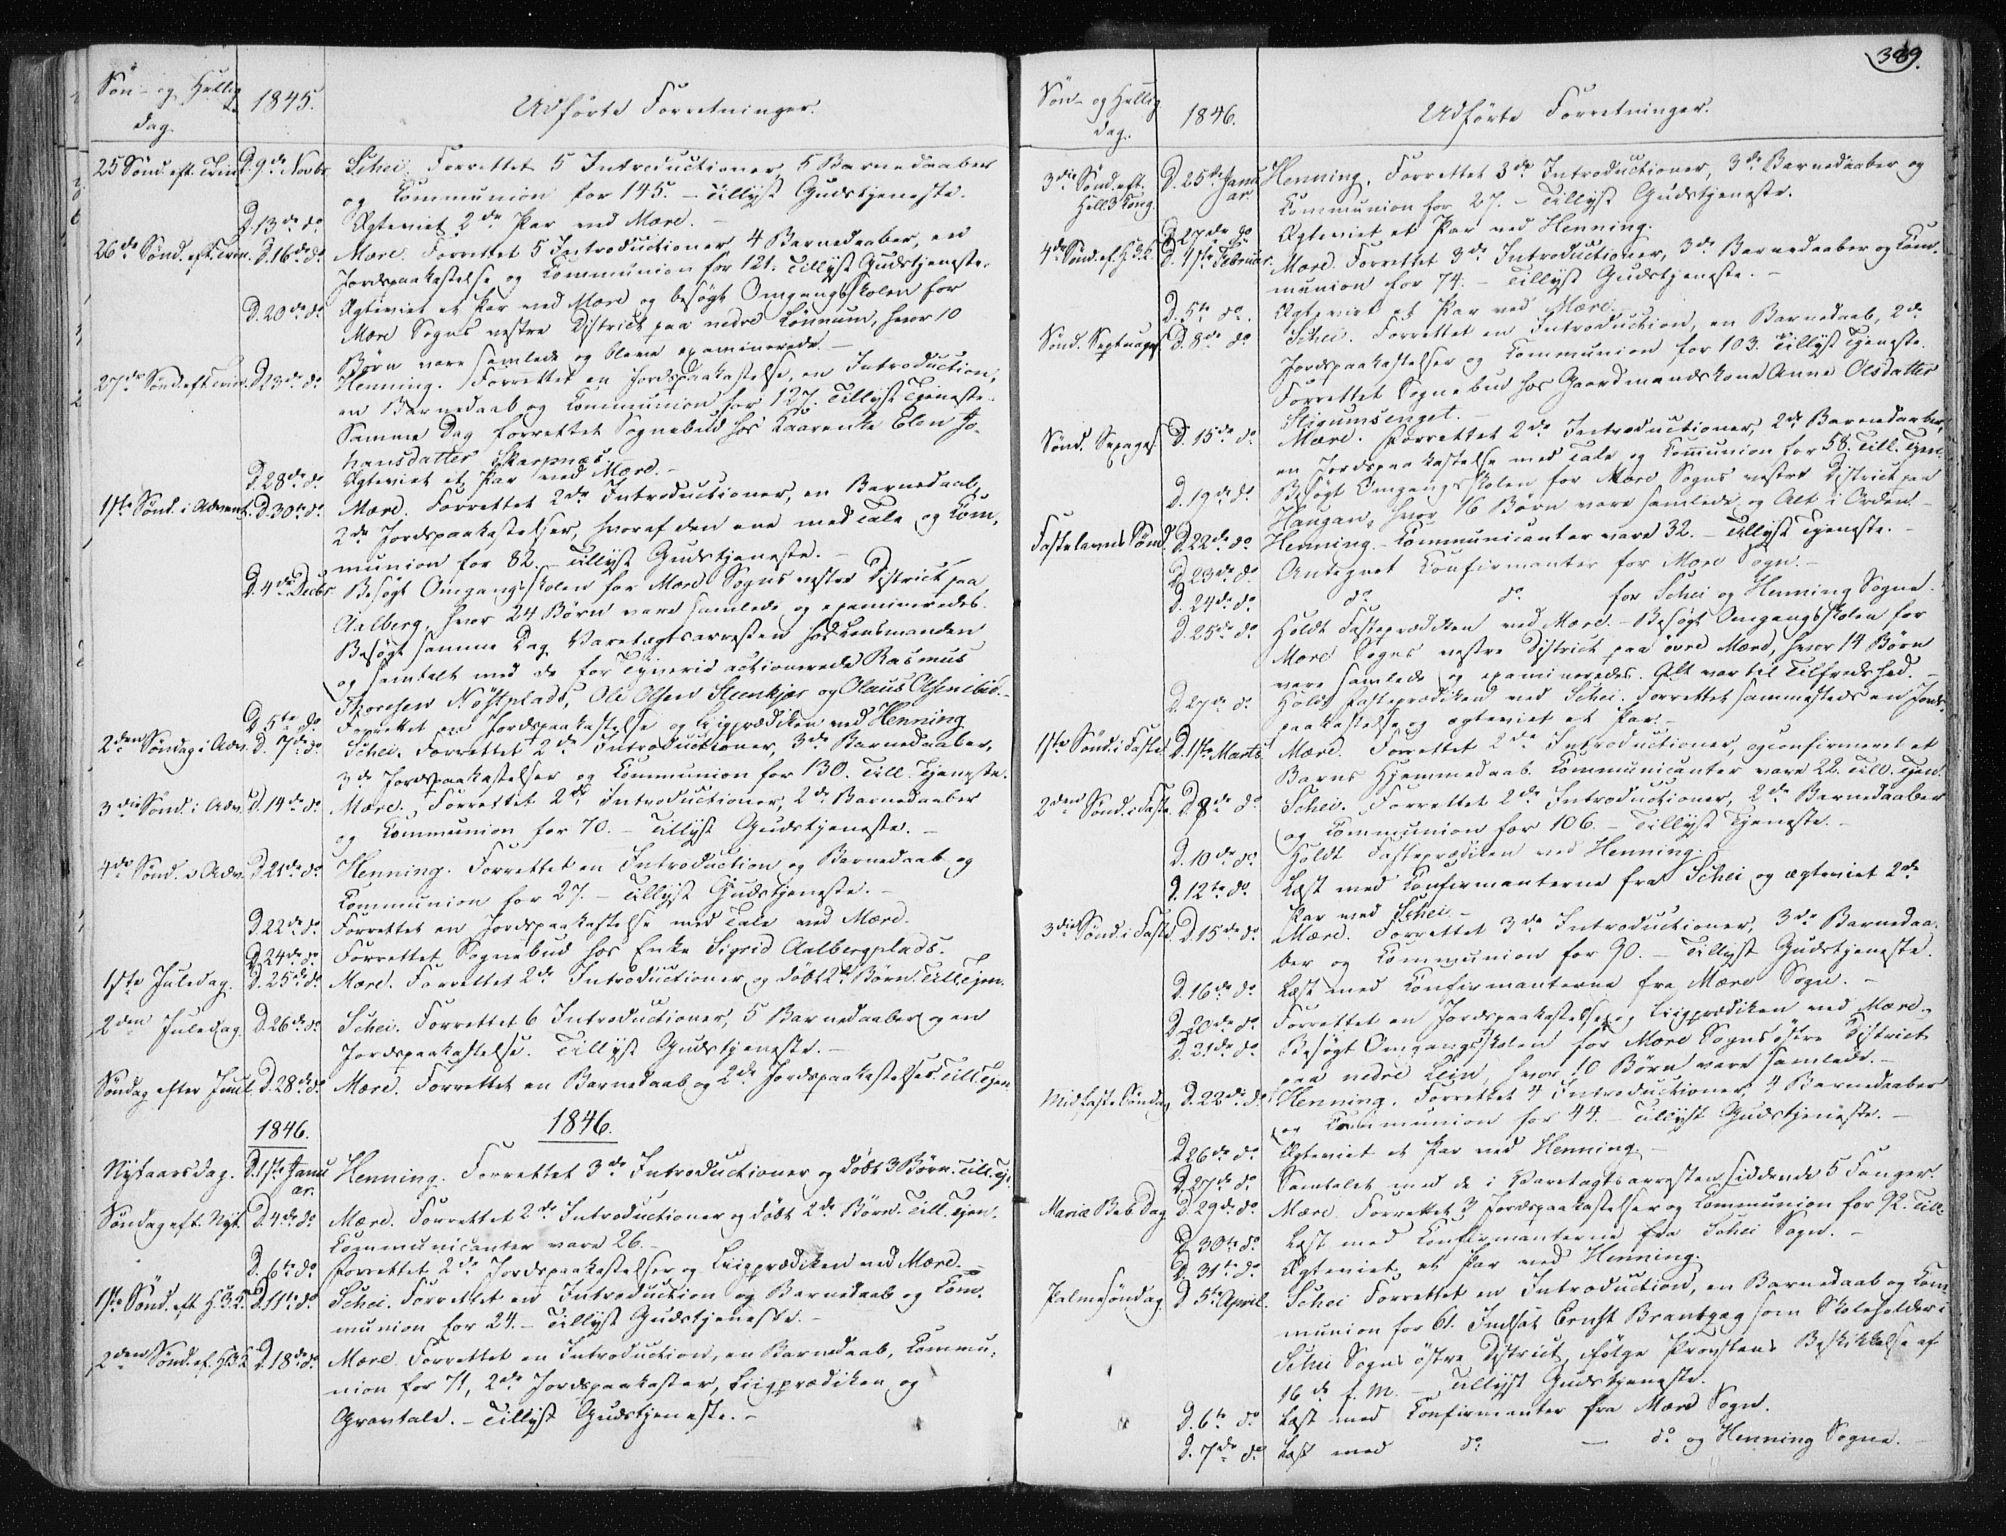 SAT, Ministerialprotokoller, klokkerbøker og fødselsregistre - Nord-Trøndelag, 735/L0339: Ministerialbok nr. 735A06 /1, 1836-1848, s. 389